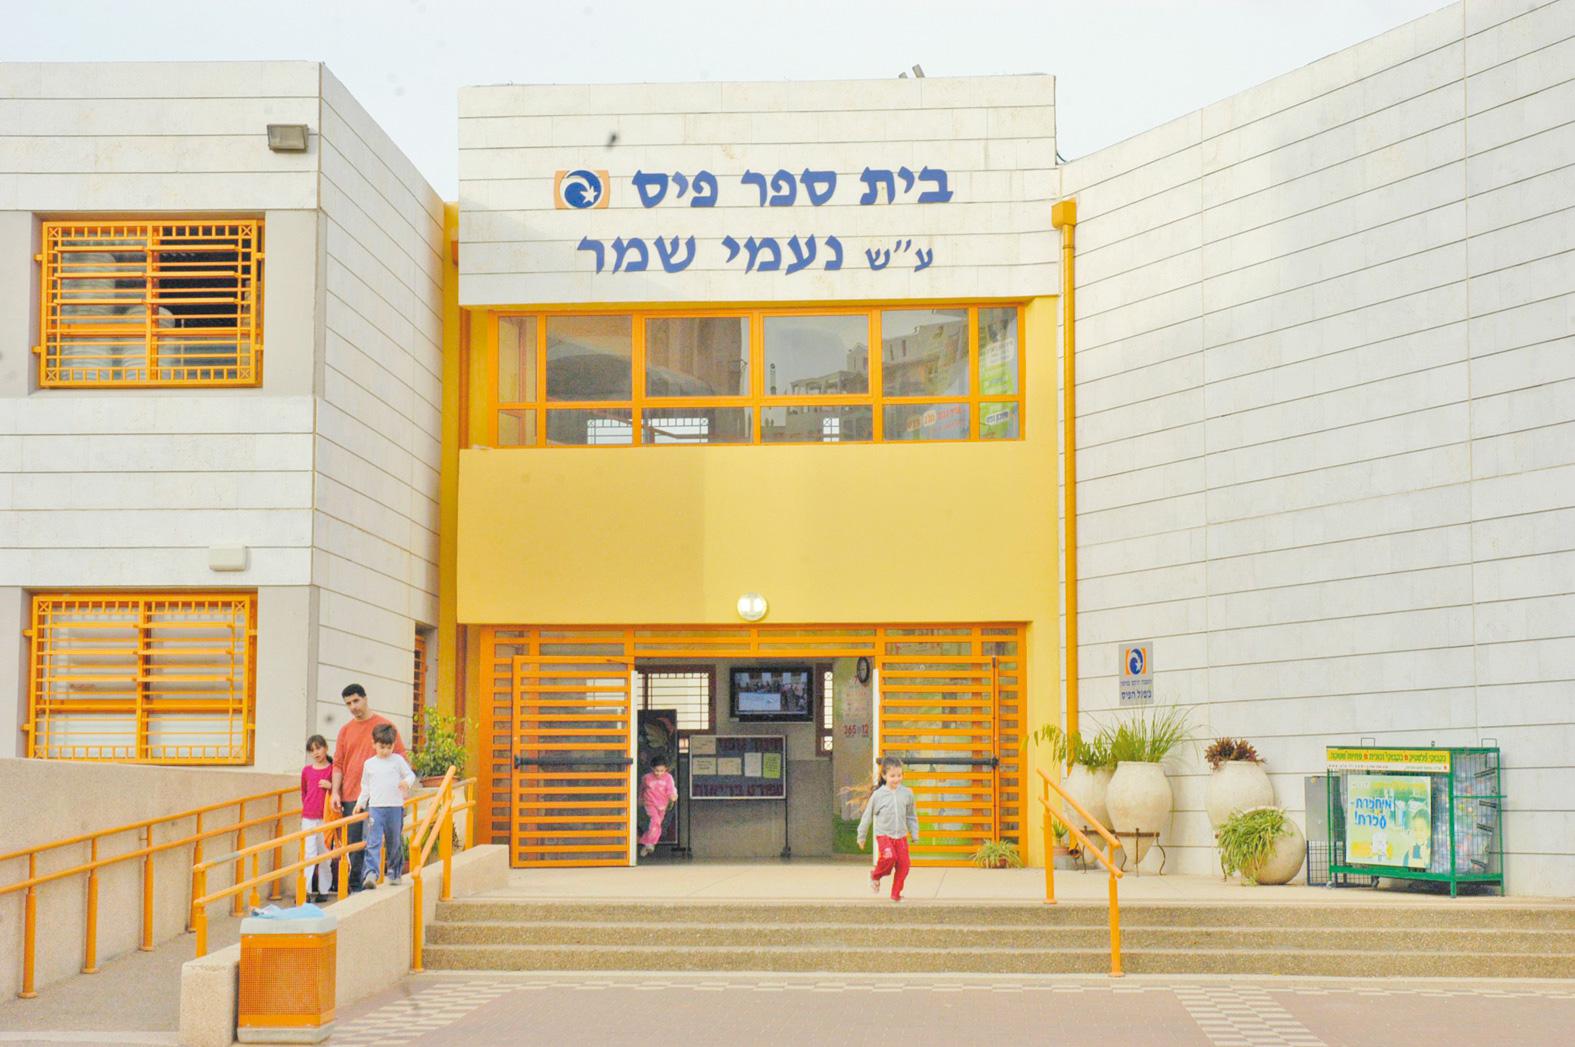 בית ספר נעמי שמר. צילום: זאב שטרן